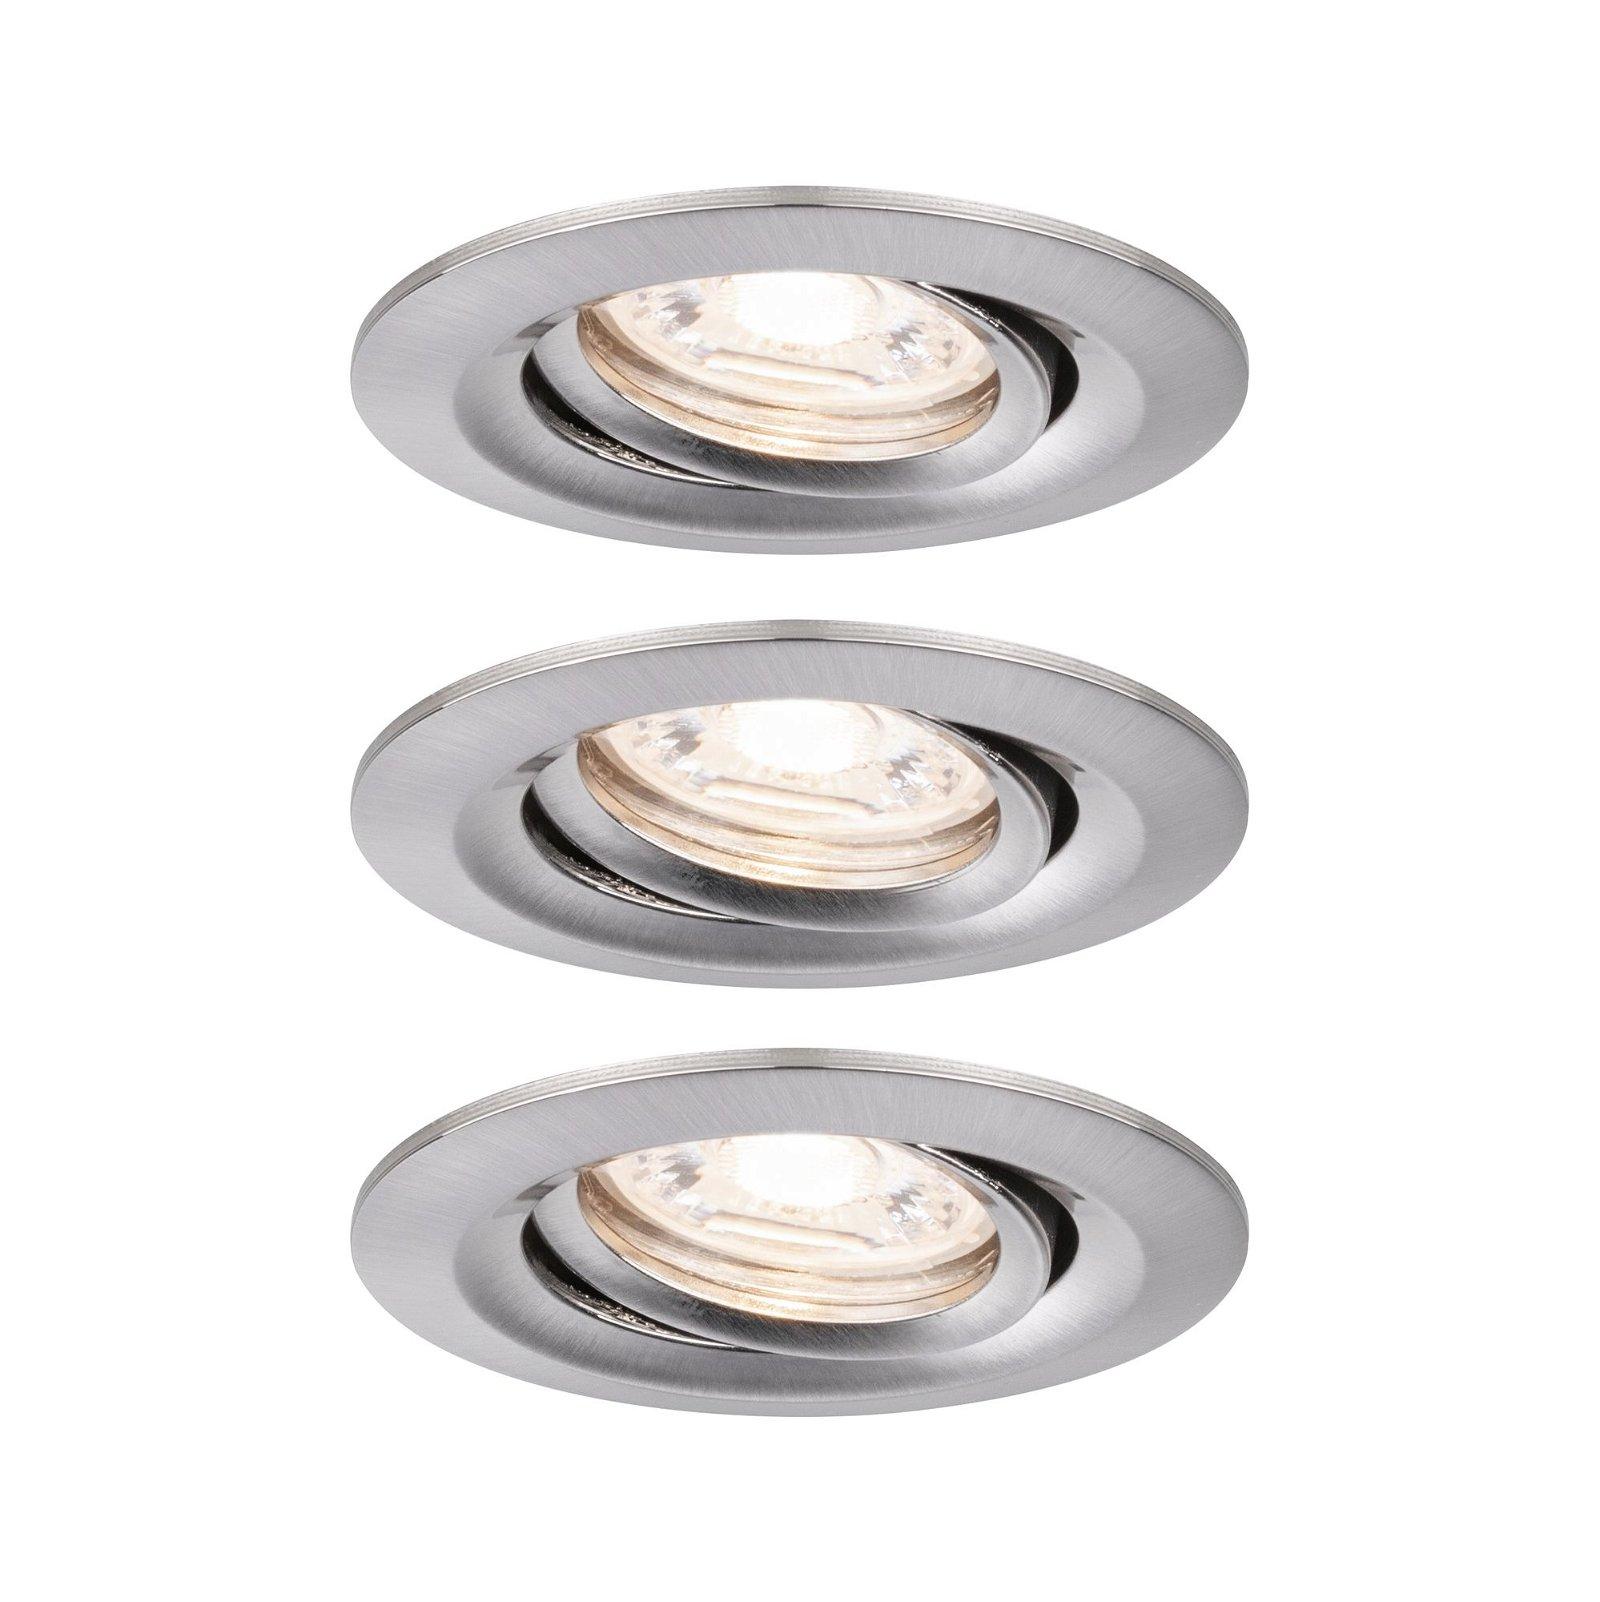 LED Einbauleuchte Easy Dim Nova Mini Plus Coin Basisset schwenkbar rund 66mm 15° Coin 3x4,2W 3x300lm 230V 2700K Eisen gebürstet